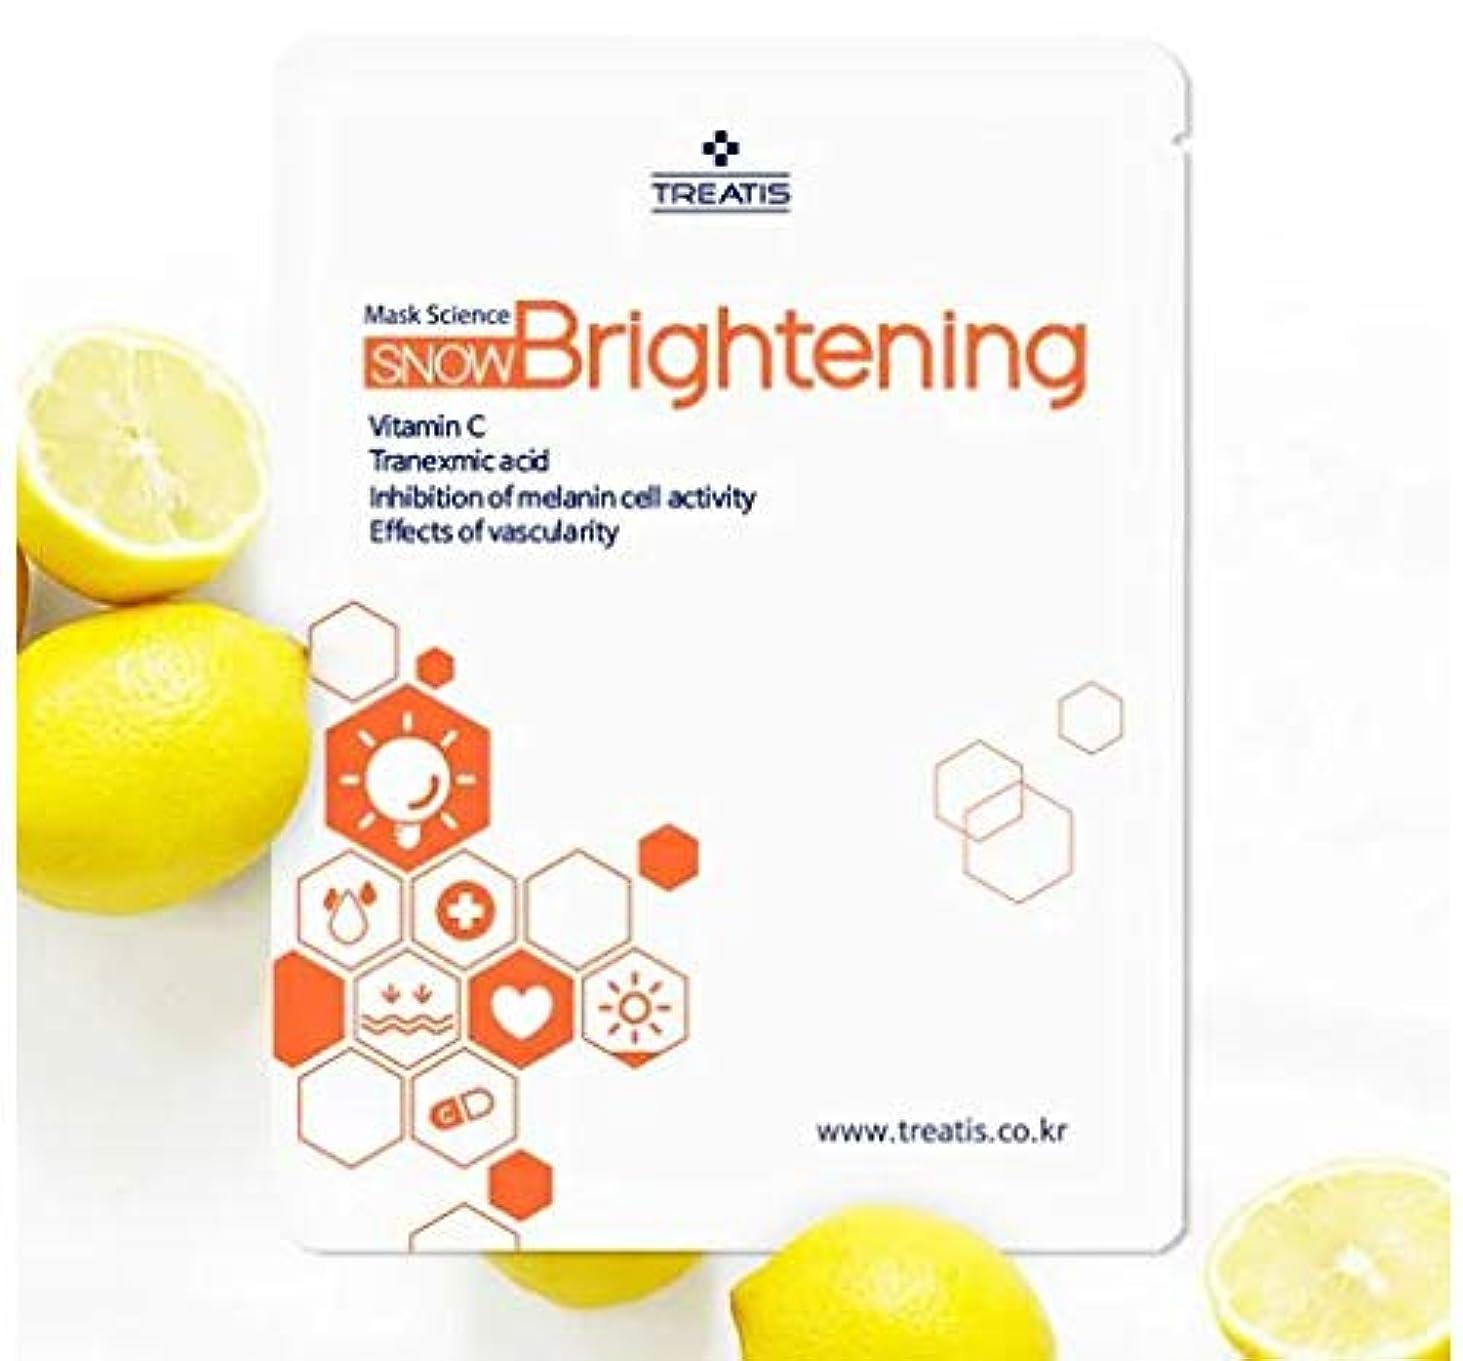 レンジ義務づける母音♥贈呈品あり♥ [TREATIS] マスクサイエンスースノーブライトニングビタミンCマスクパック(シートマスク10枚入り)/Snow Brightening Vitamin C Mask Sheet (10Sheets)